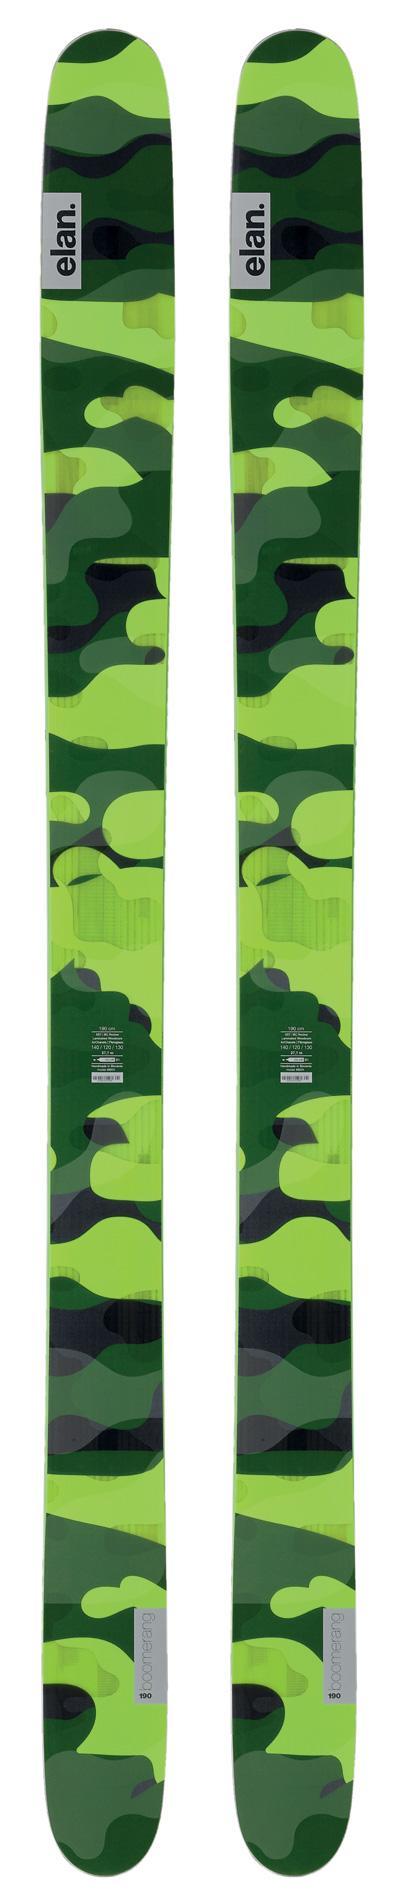 Горные лыжи Elan 2016-17 BOOMERANG